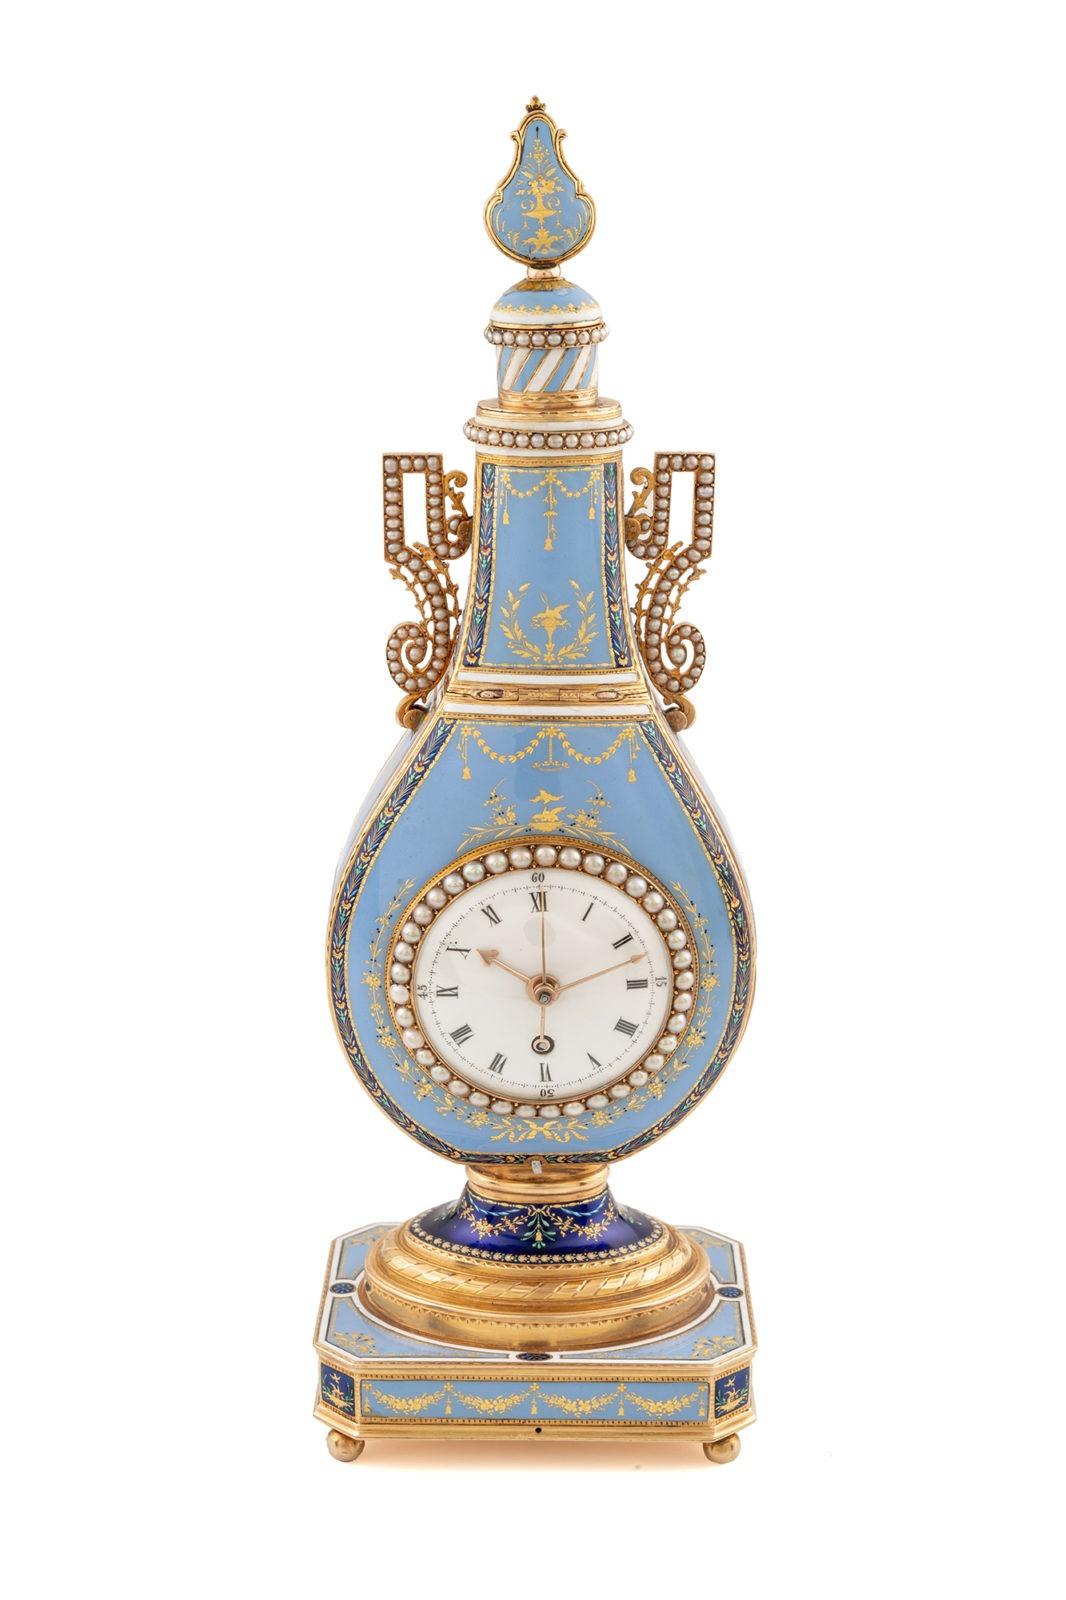 Vente Antiquorum des 11 & 12 mai - Horloge Jacquet-Drot et Leschot